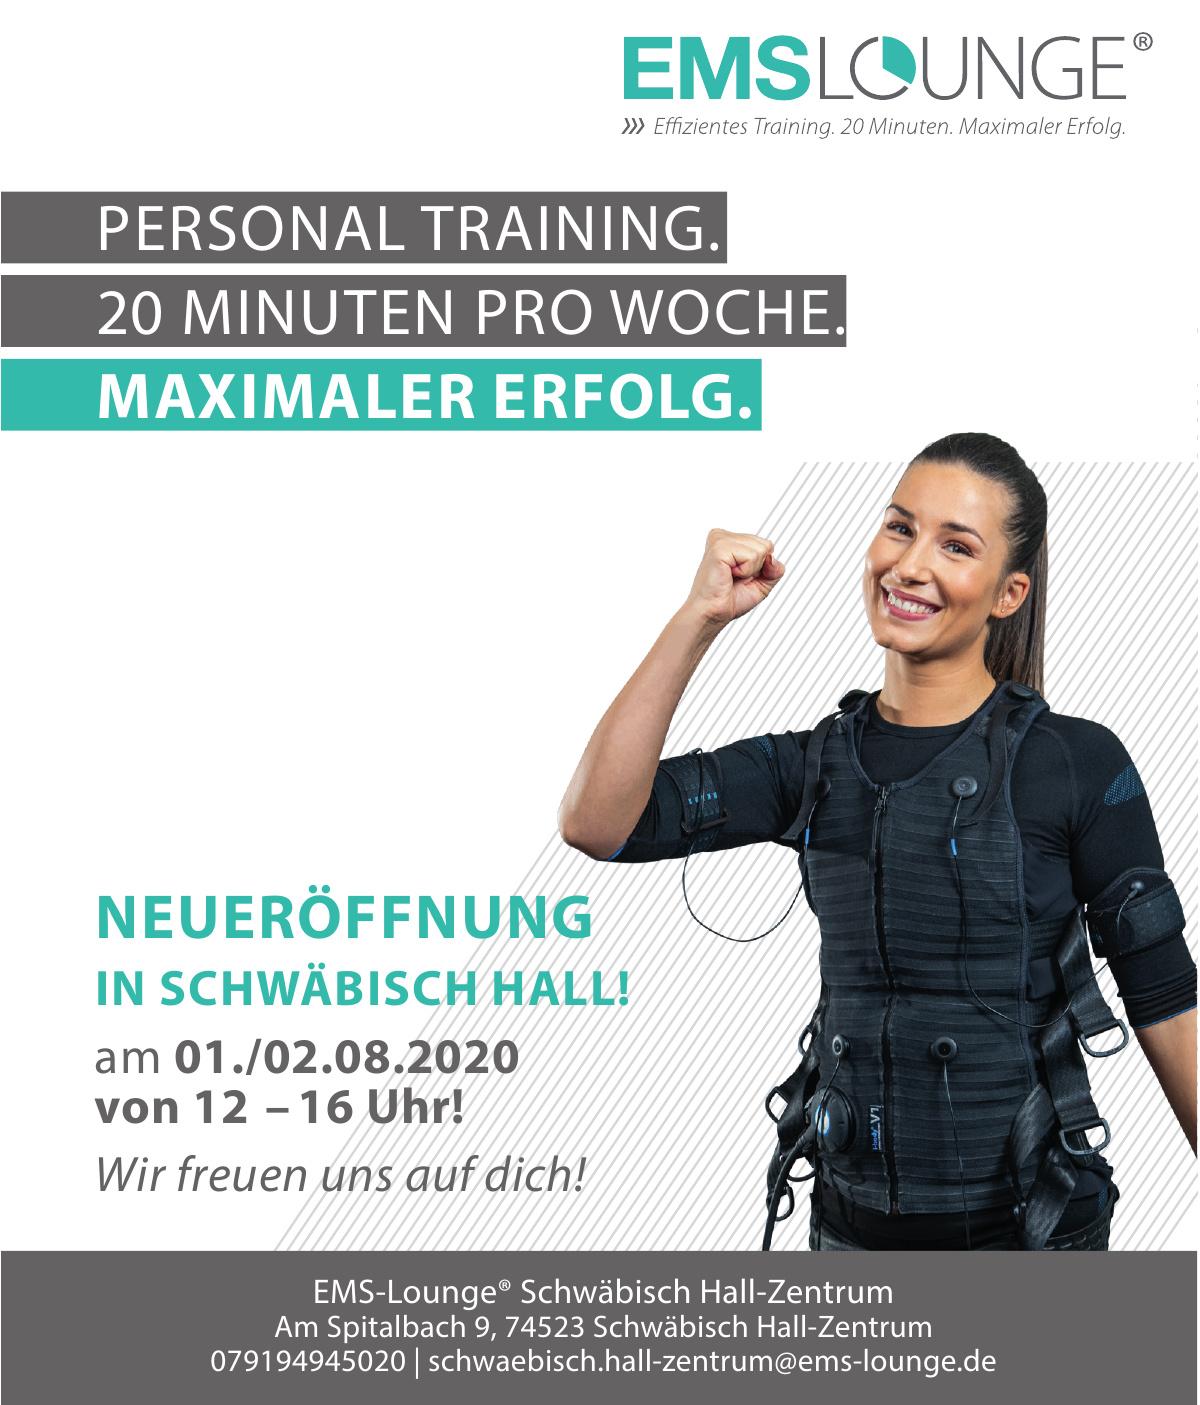 EMS-Lounge® Schwäbisch Hall-Zentrum